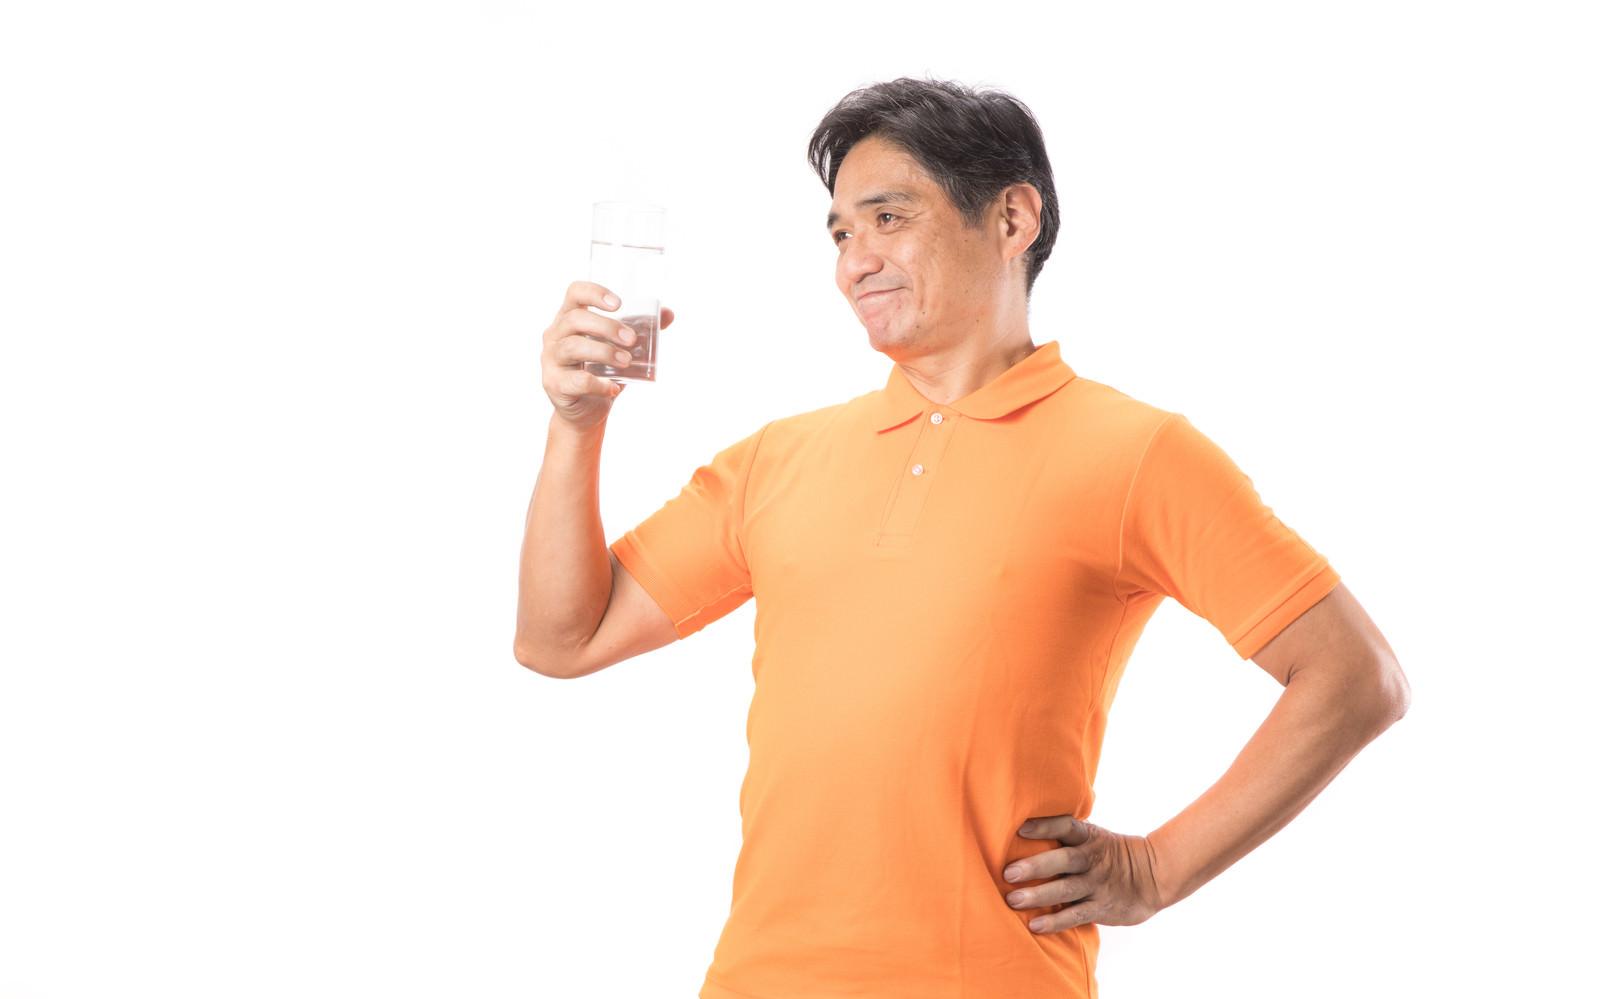 「こまめな水分補給が健康の証!と胸をはる中年男性」の写真[モデル:よたか]